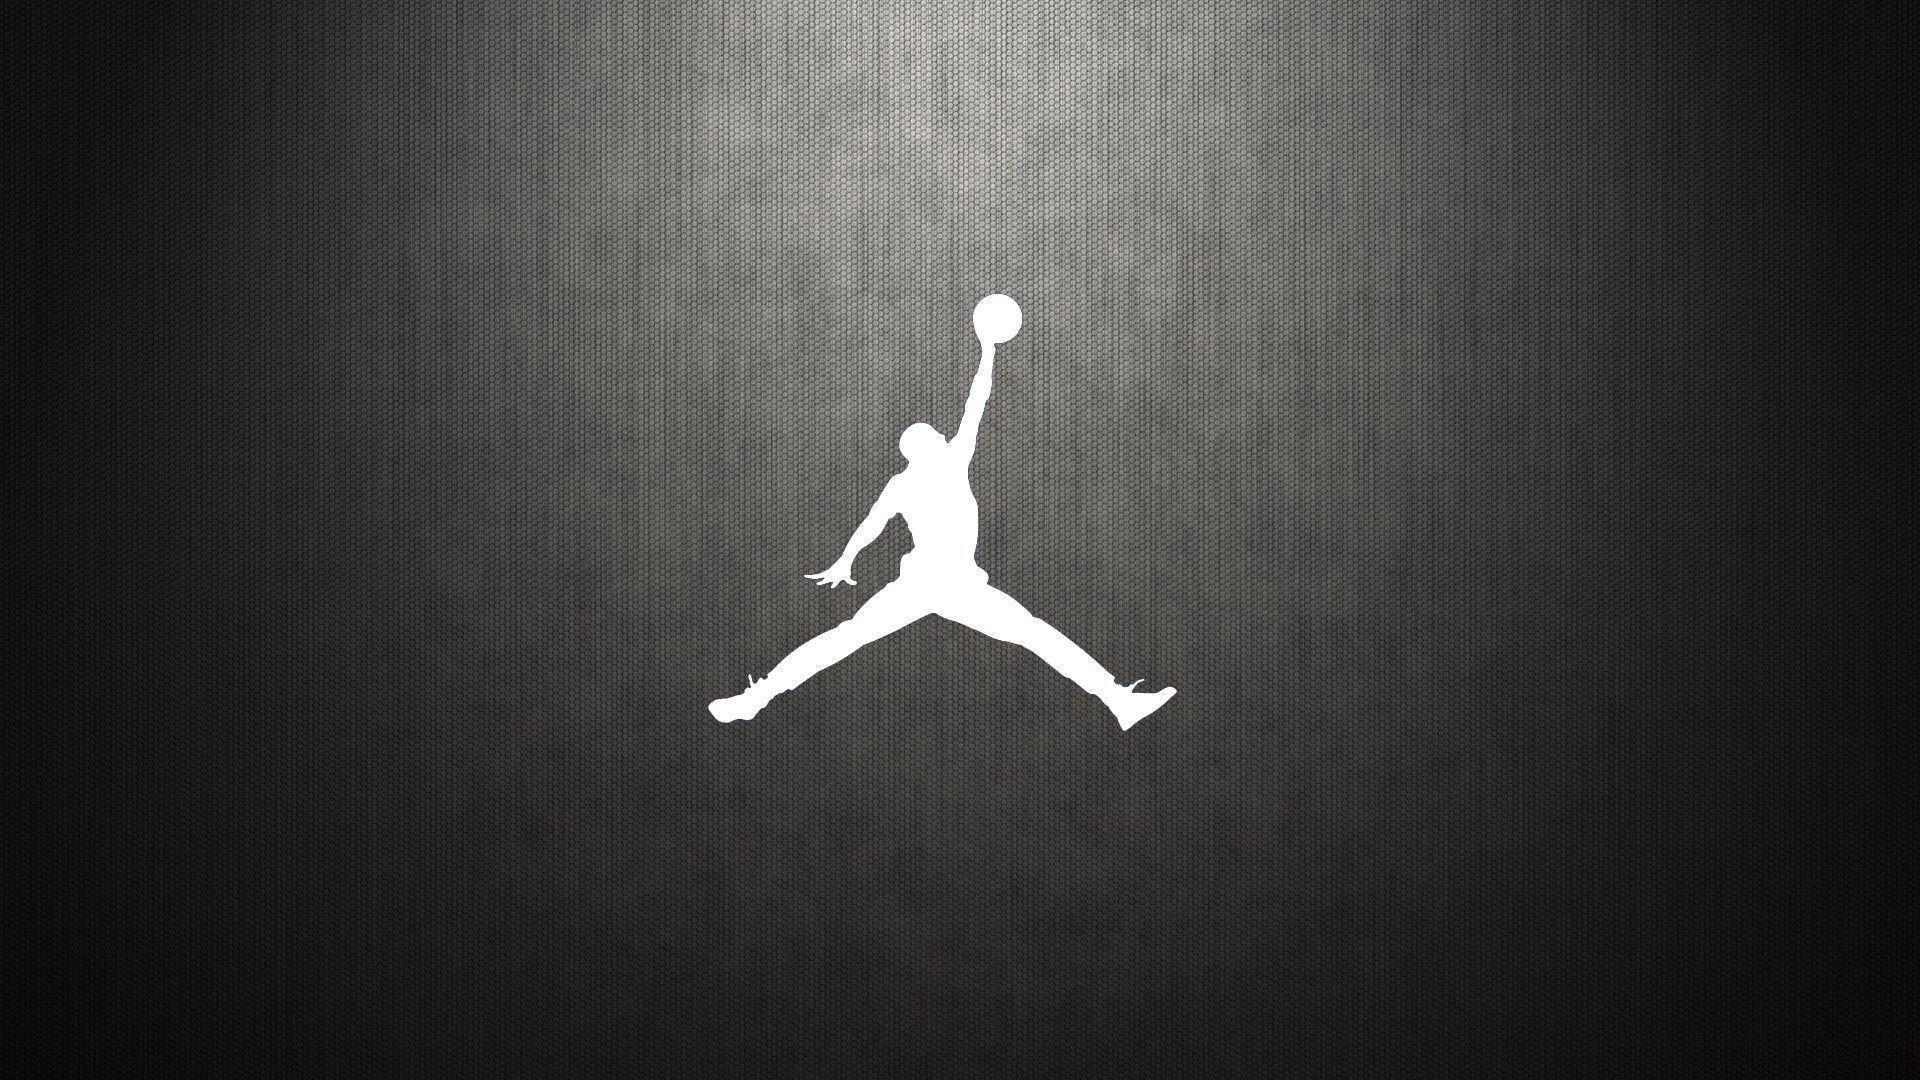 Logo nike wallpaper wallpapersafari - Nike Football Logo Wallpaper Wallpapersafari